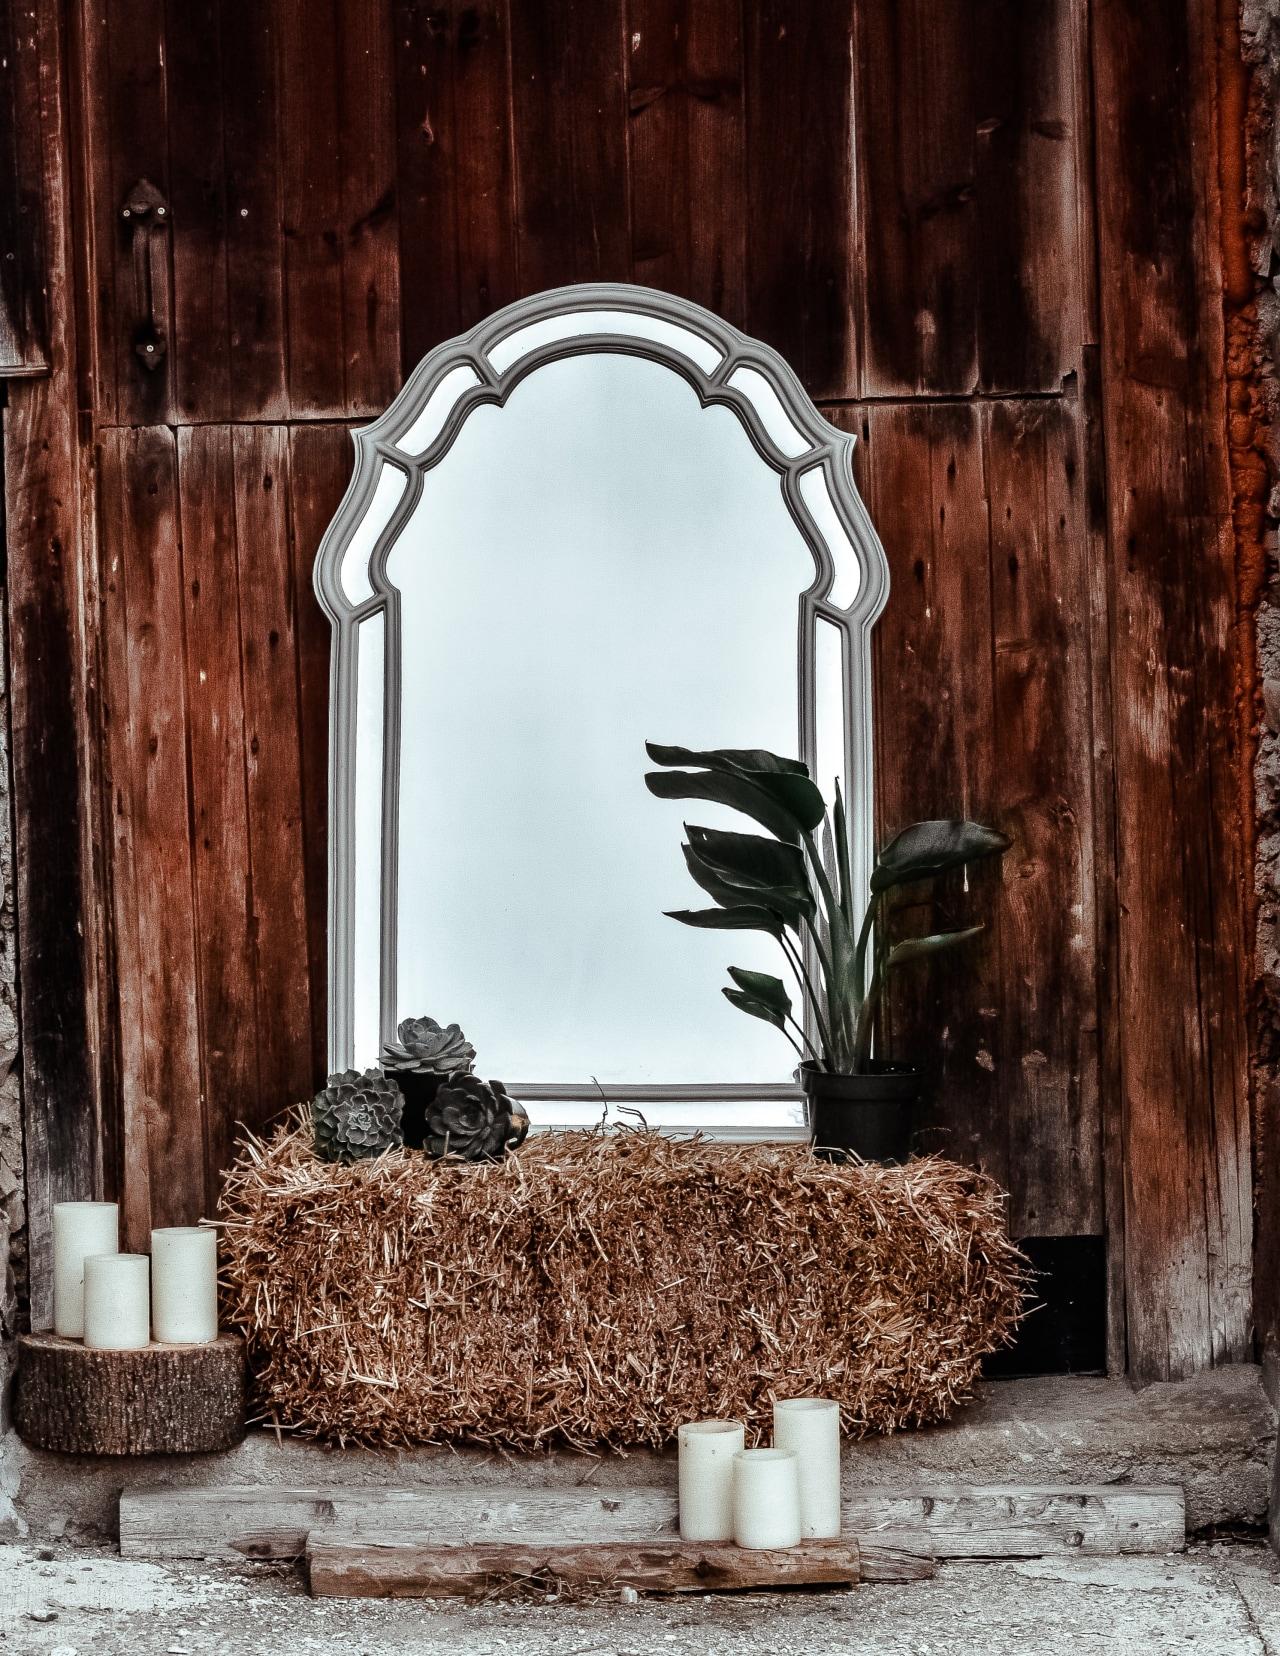 Mirror, mirror on the patio floor, who has